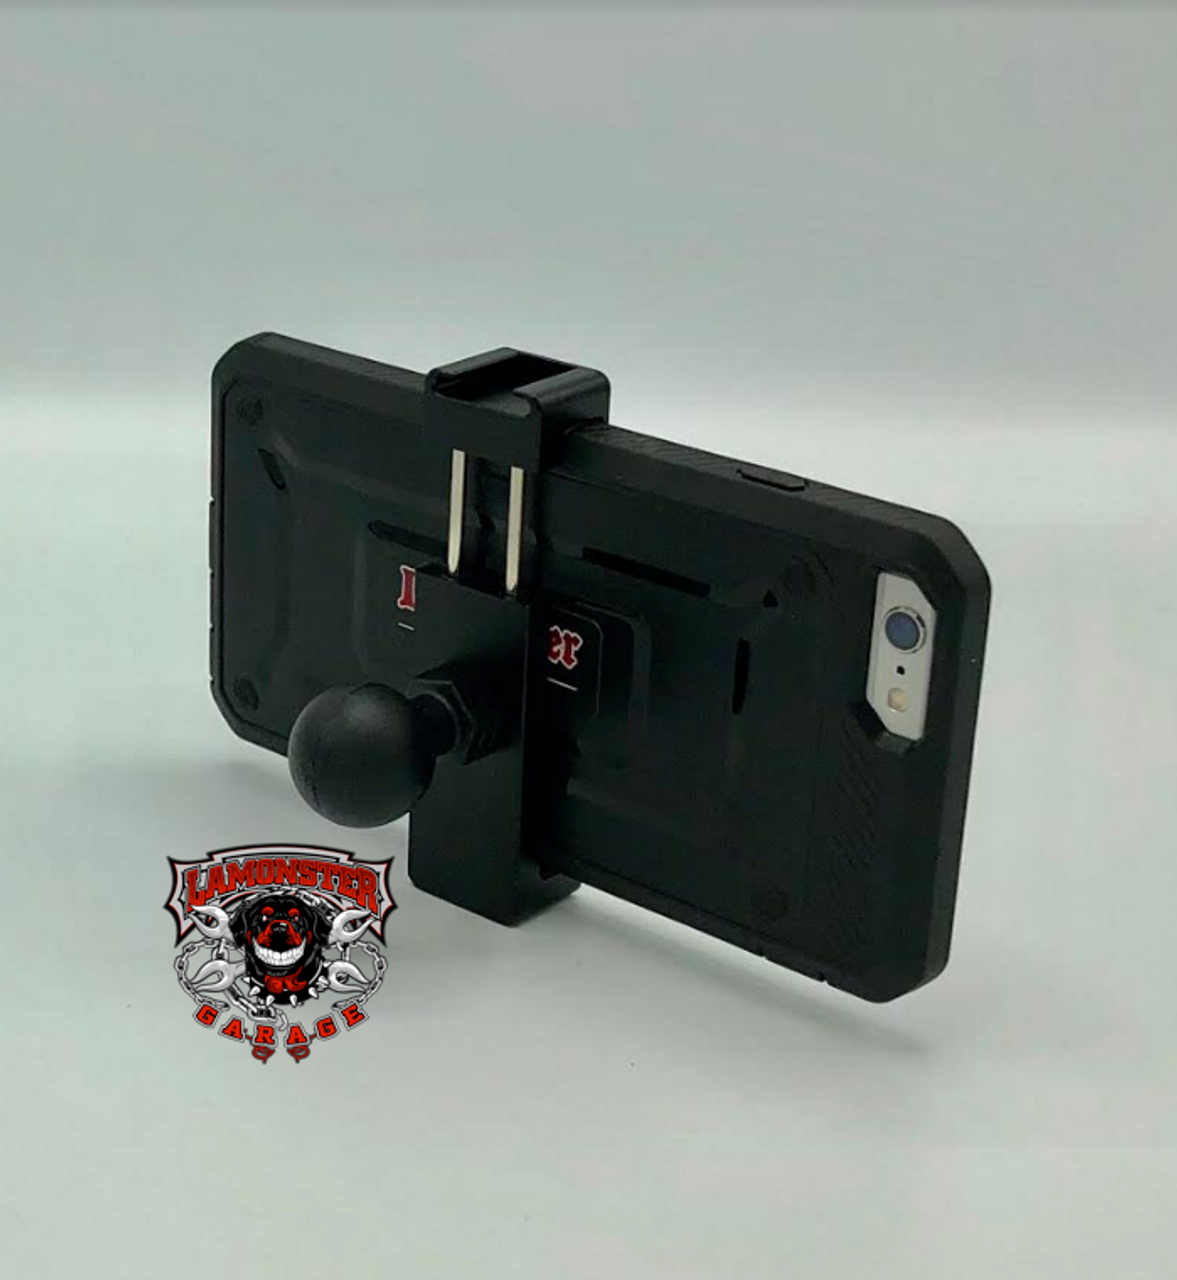 Lamonster Phone Phang Holder (LGA-4027) (Phone Not Included)